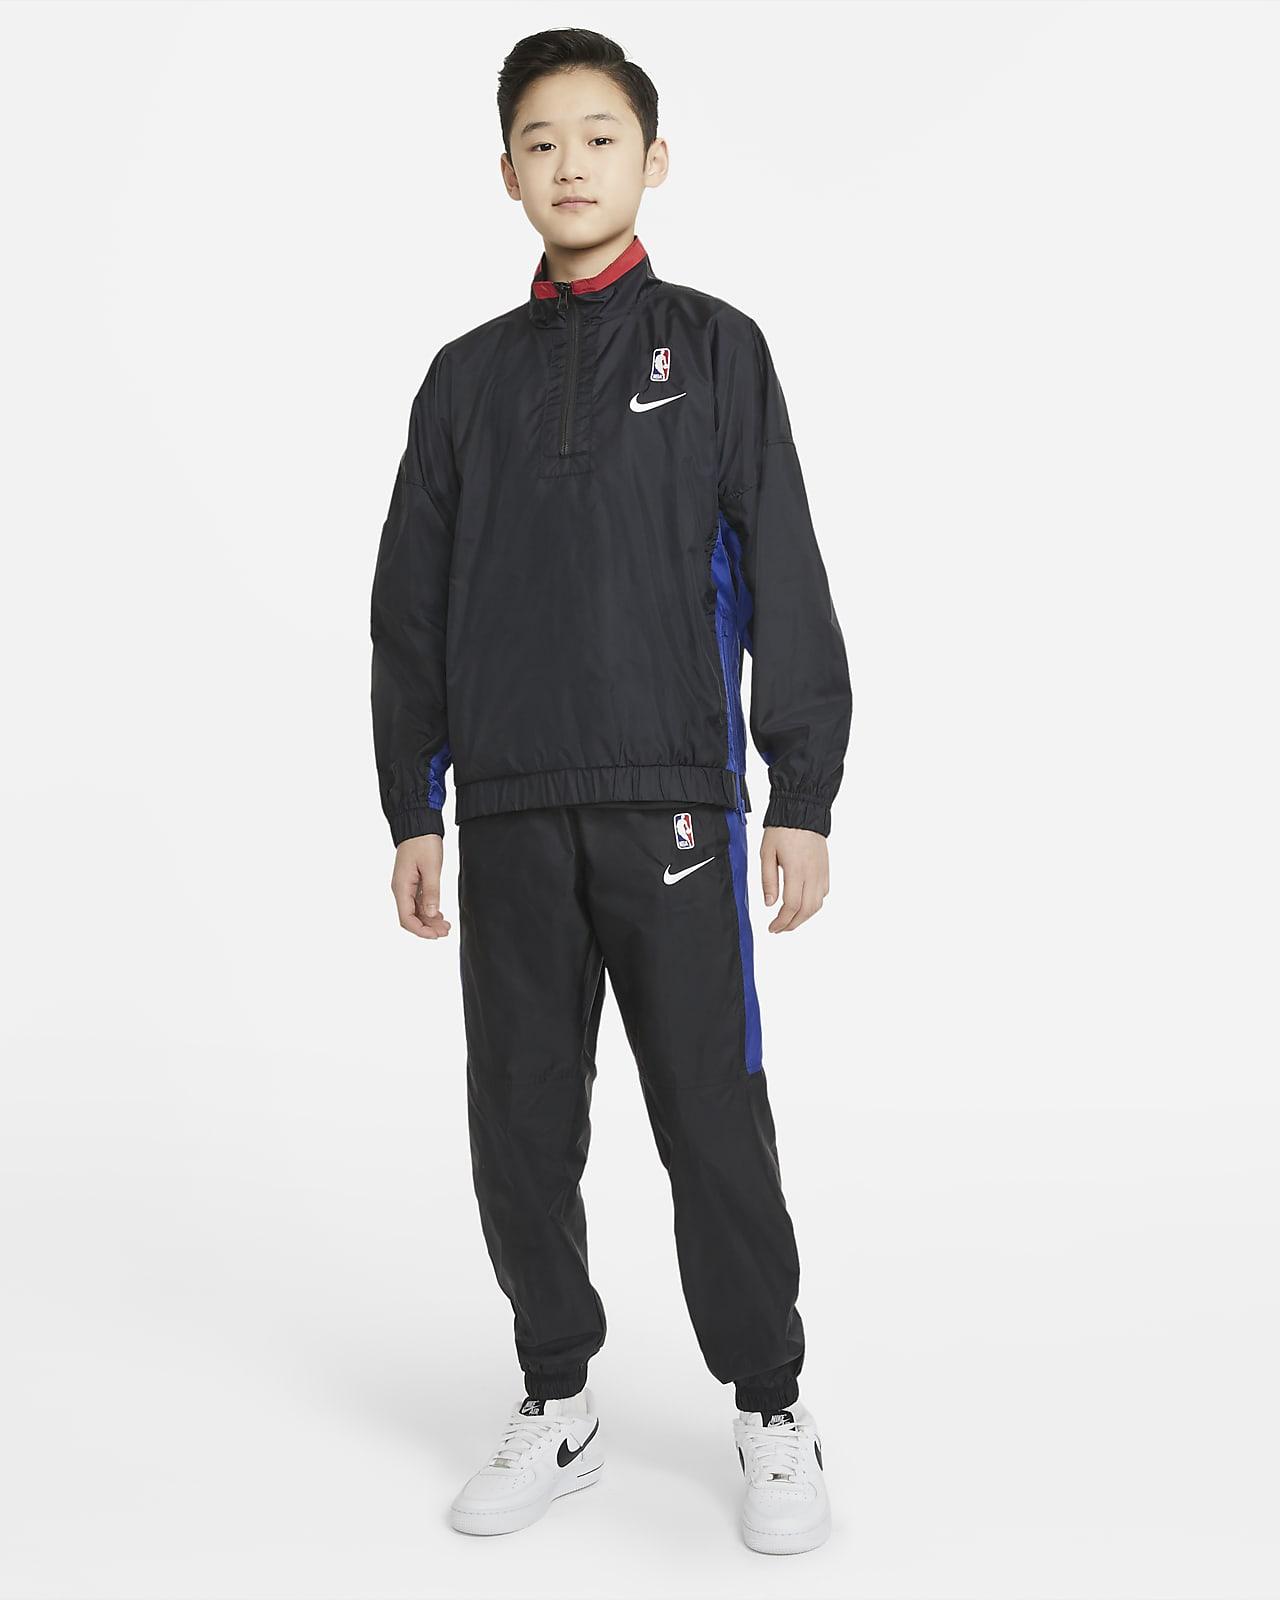 Team 31 Courtside Xandall Nike NBA - Nen